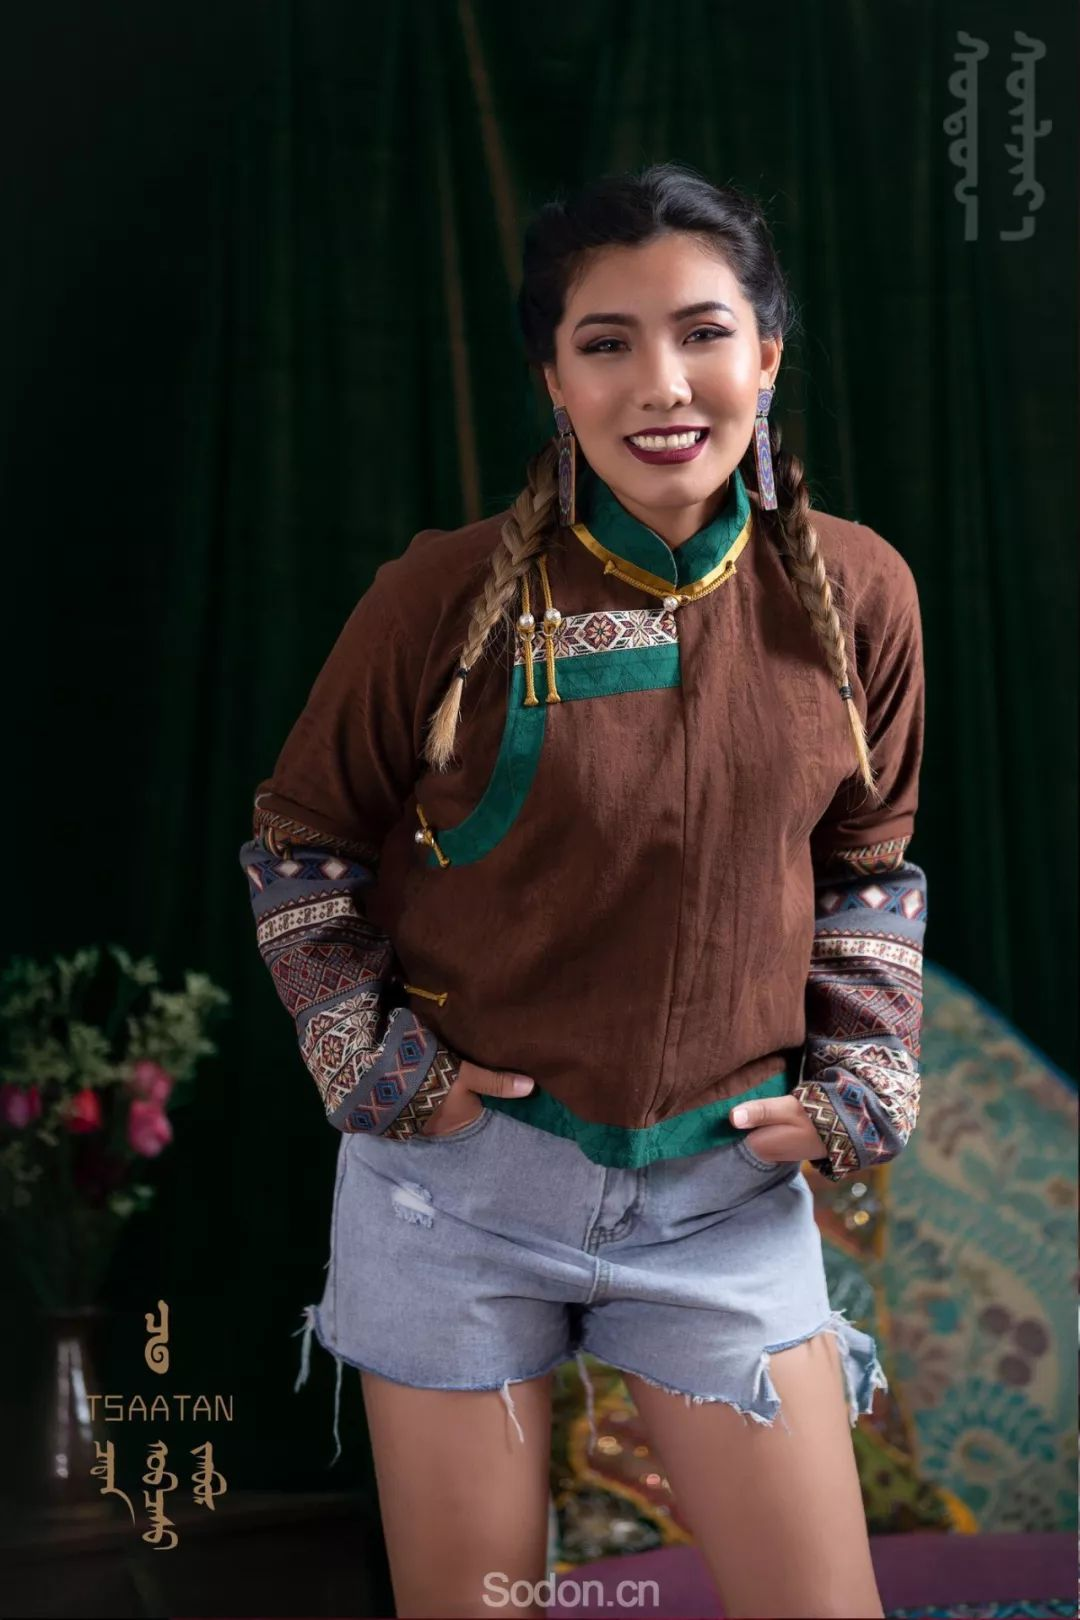 TSAATAN蒙古时装 2019新款,来自驯鹿人的独特魅力! 第38张